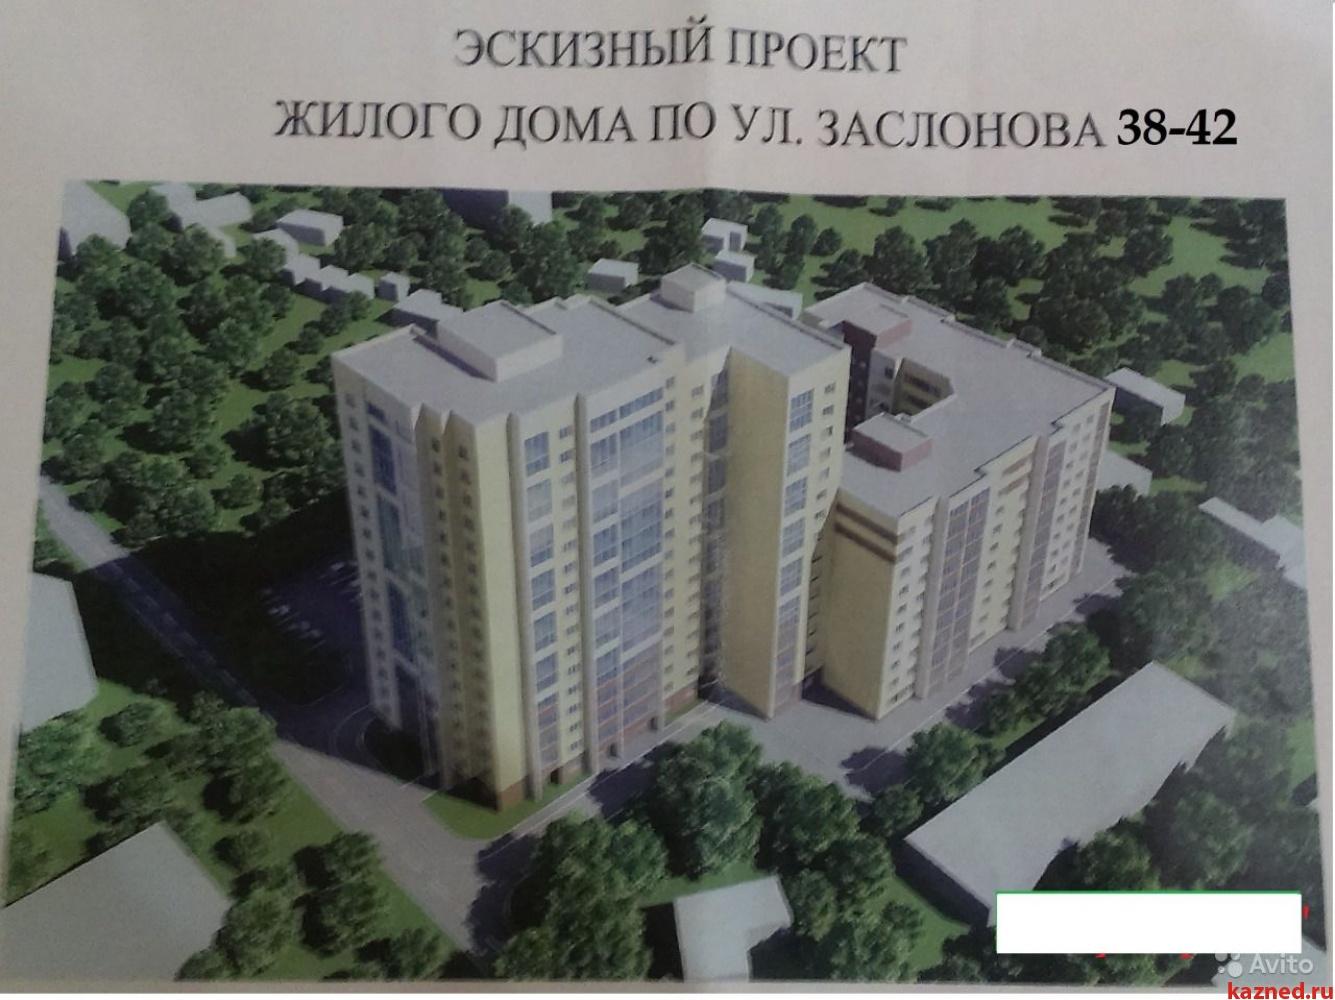 Продажа 3-к квартиры Заслонова, 76 м2  (миниатюра №1)